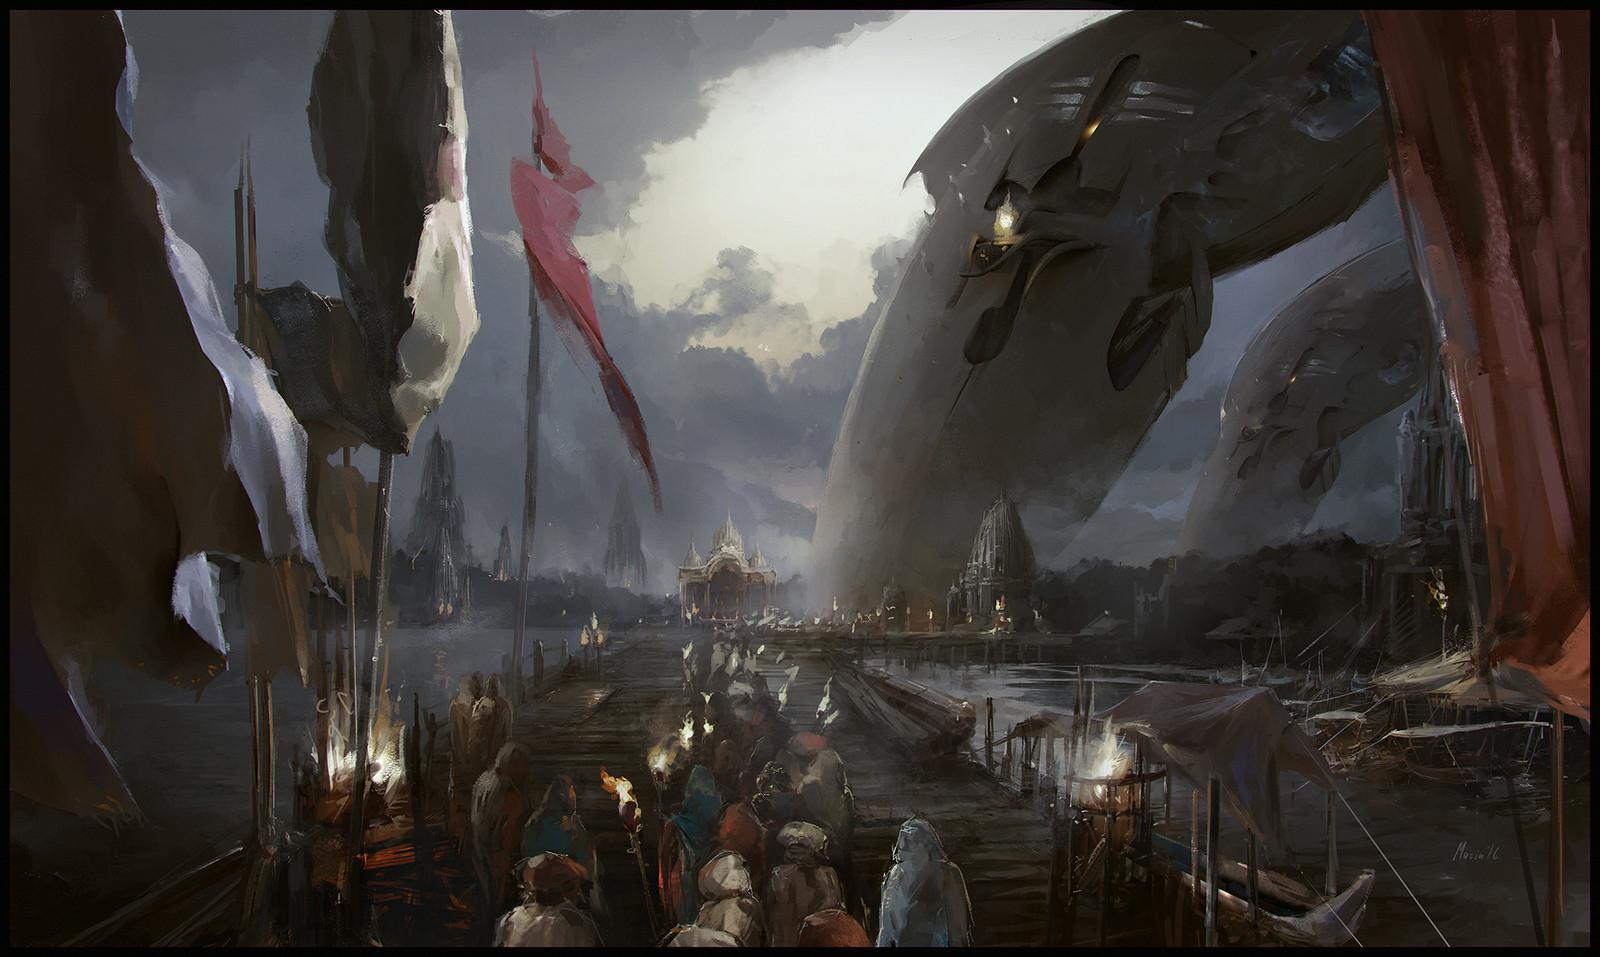 Shiva's Fleet